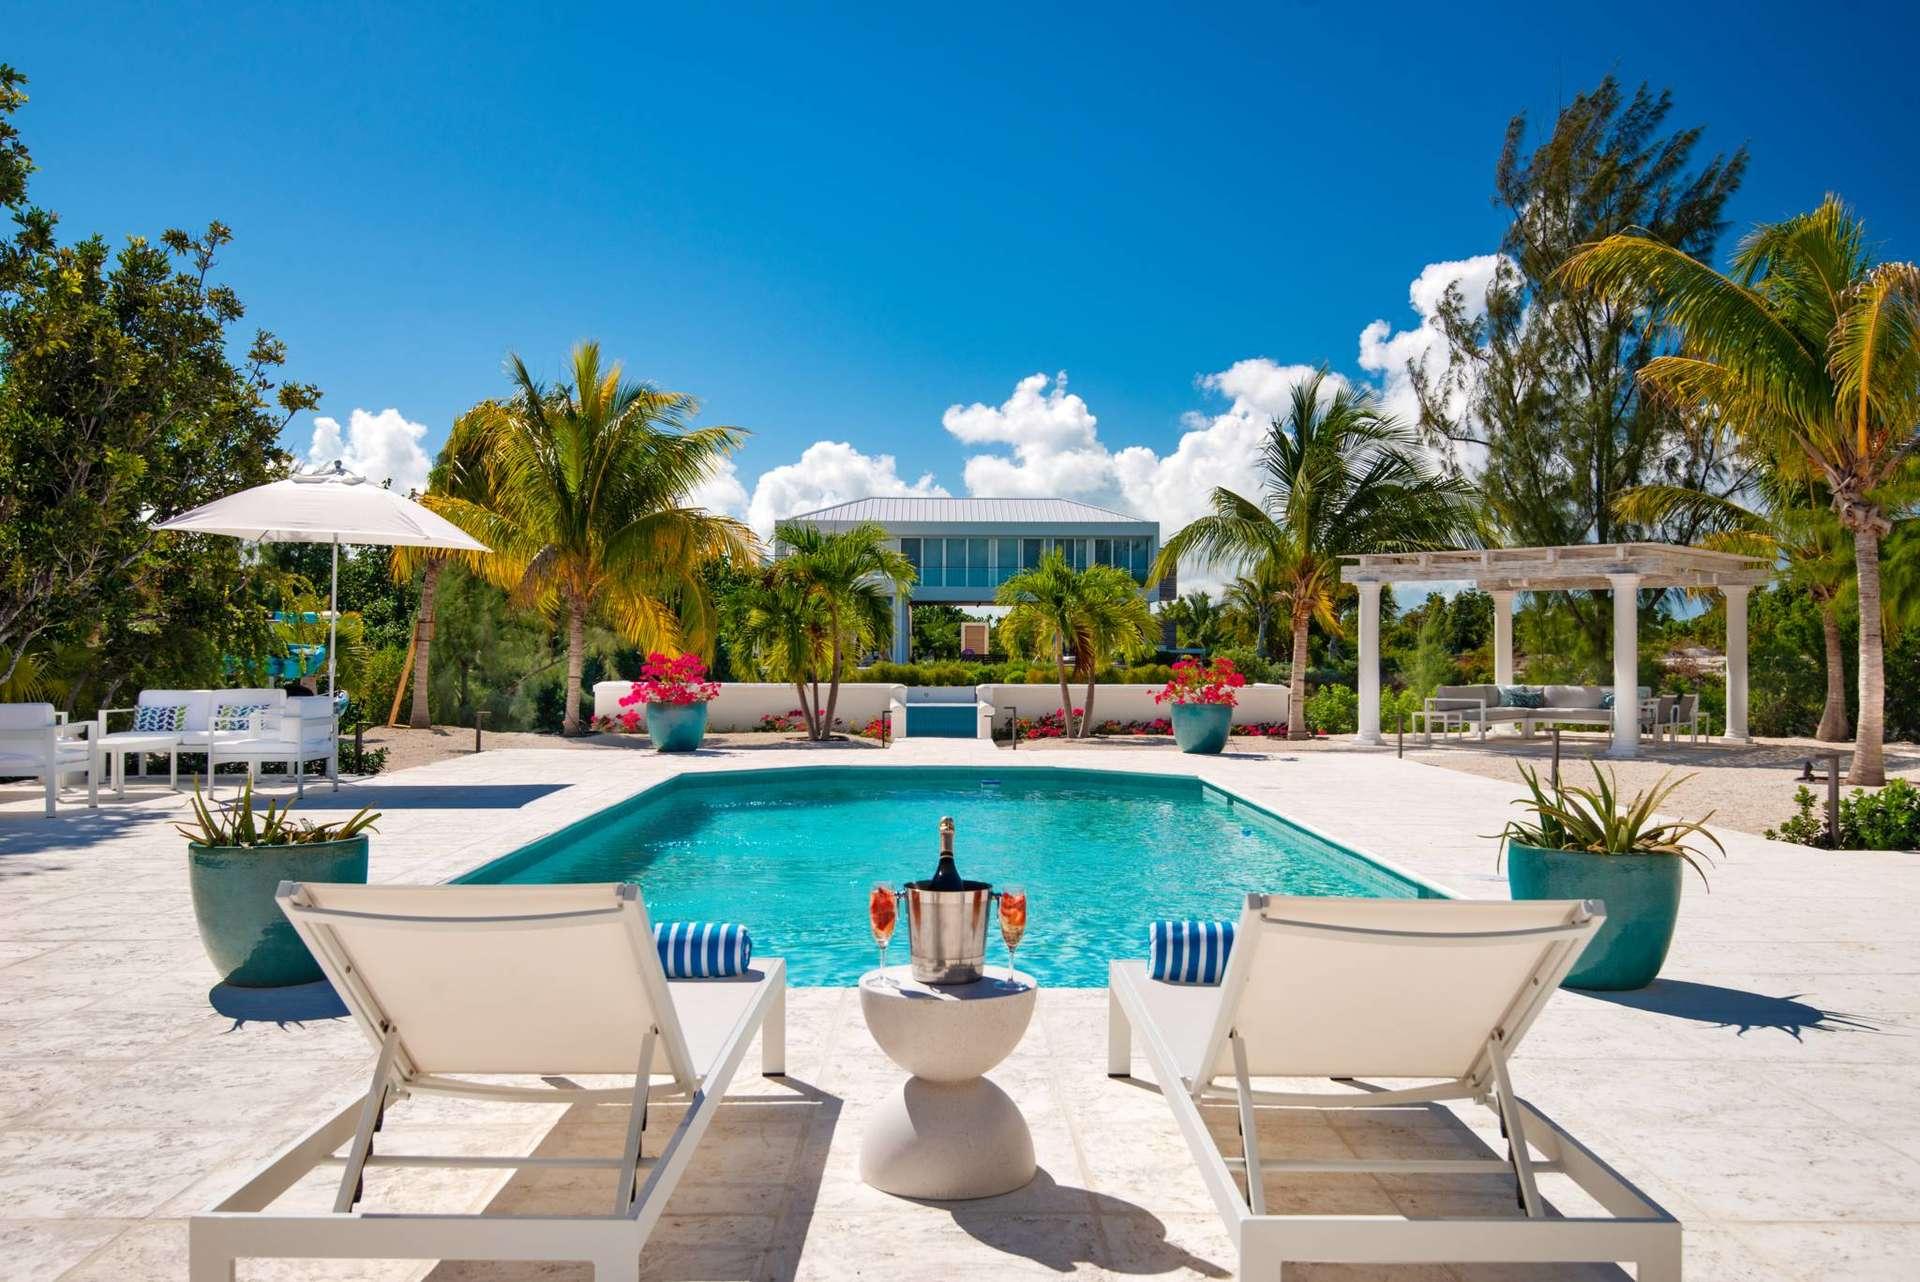 Luxury villa rentals caribbean - Turks and caicos - Providenciales - Leeward - Seagrace Villa - Image 1/18